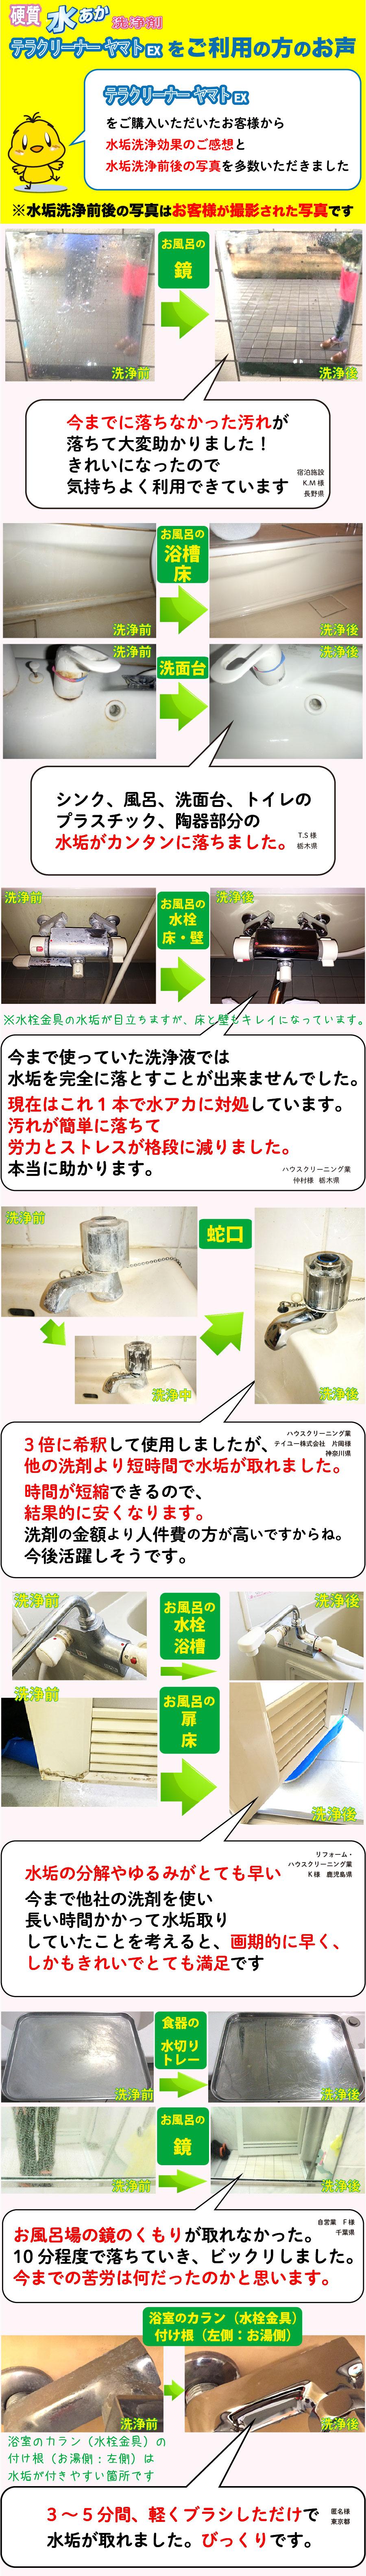 テラクリーナーヤマトを使われた方々のお声 水垢落とし効果のレビュー1